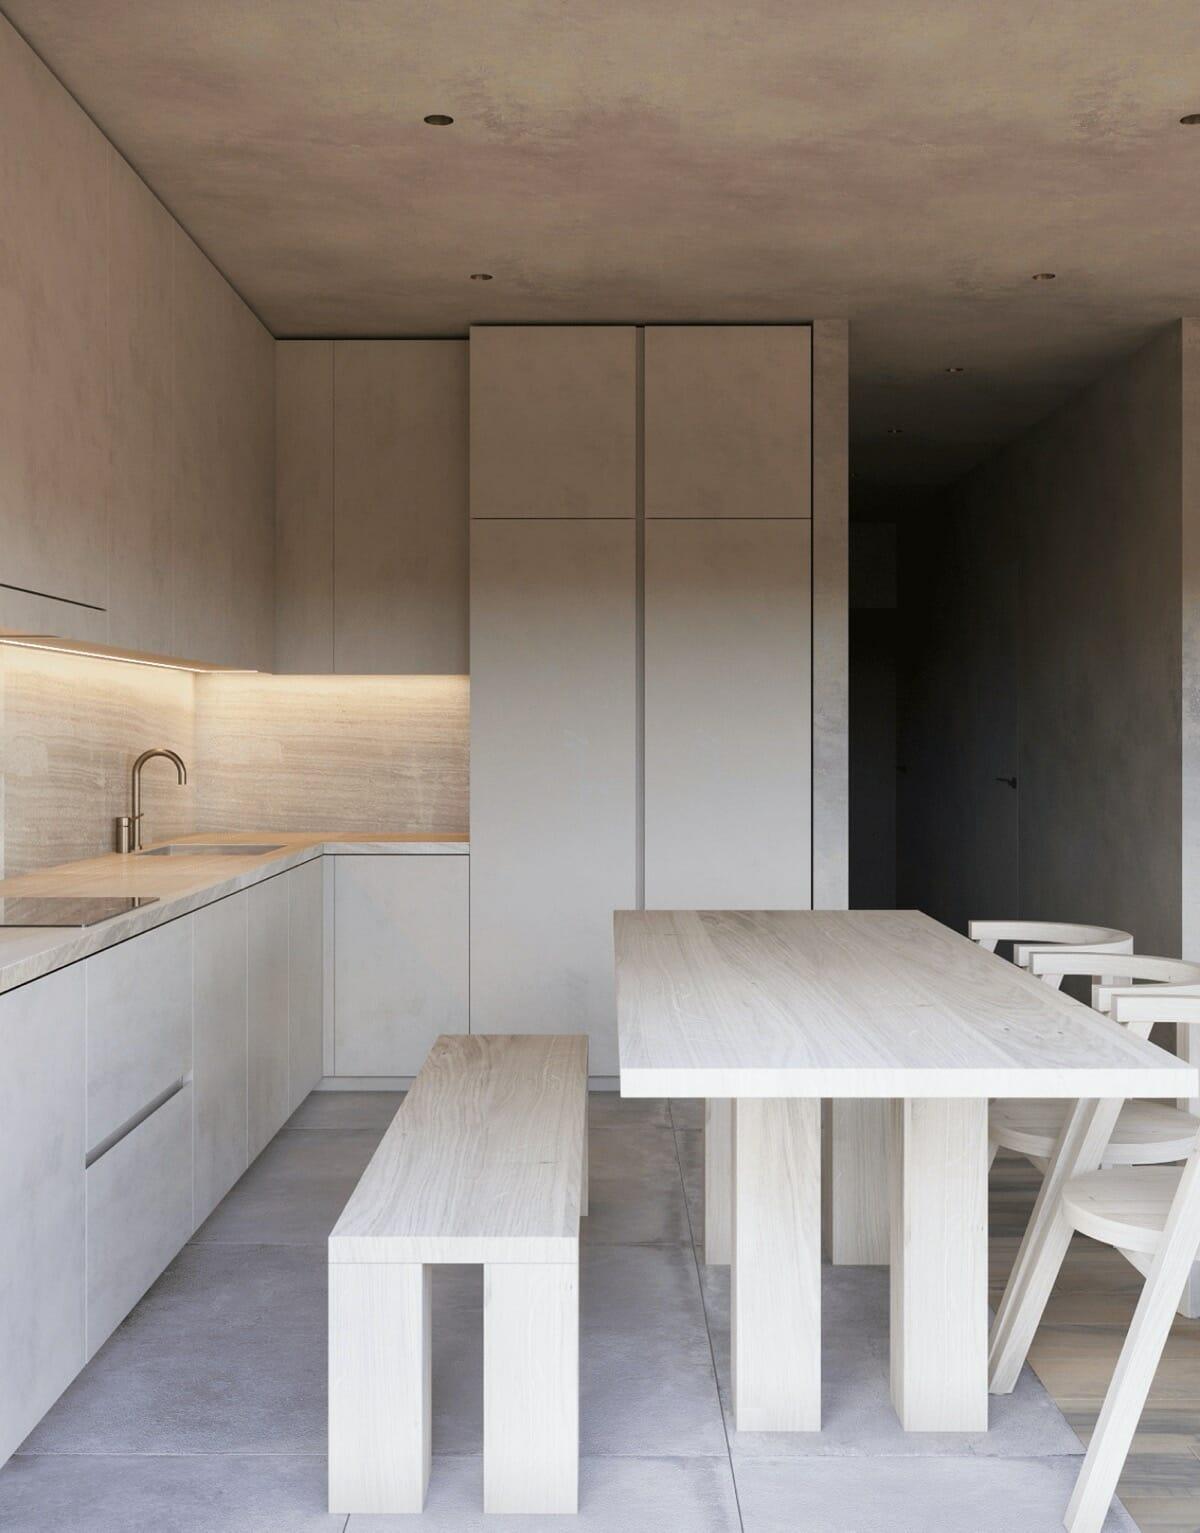 hình ảnh cận cảnh bàn ghế ăn bằng gỗ màu trắng sáng